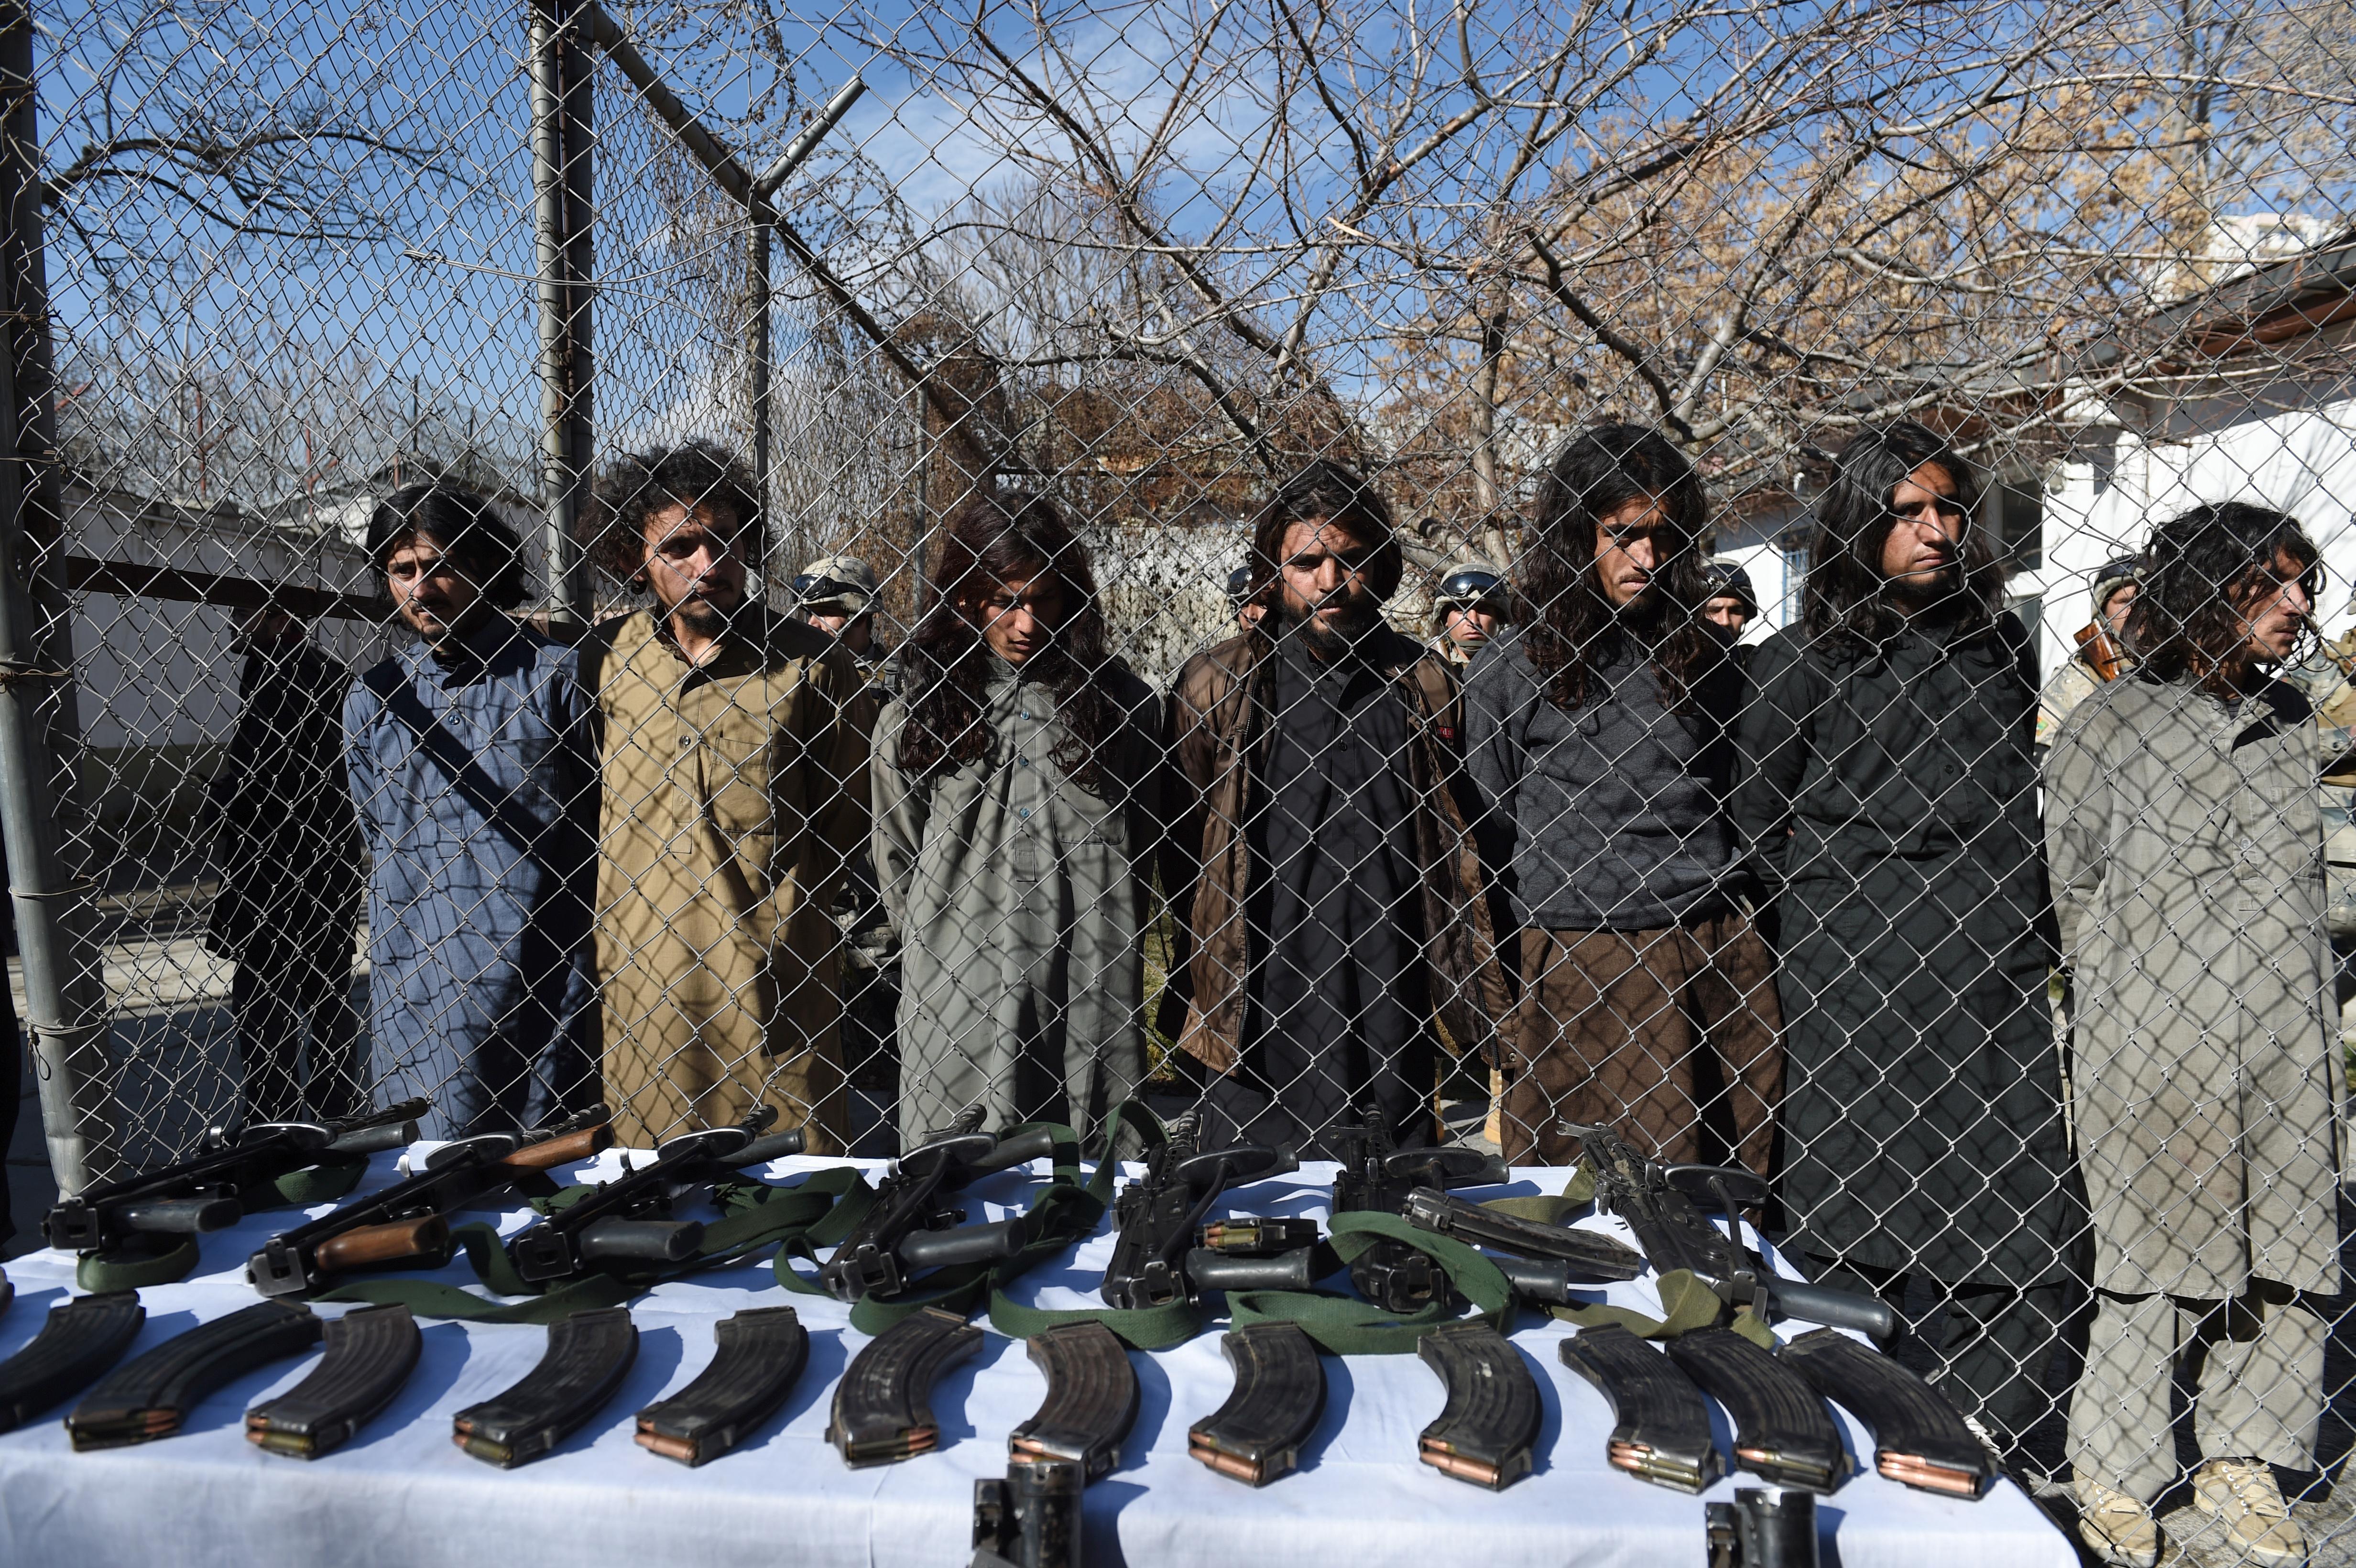 په افغانستان او پاکستان کې د وسله والو پر وړاندې ګړندي عمليات کاميابۍ رامنځته کوي